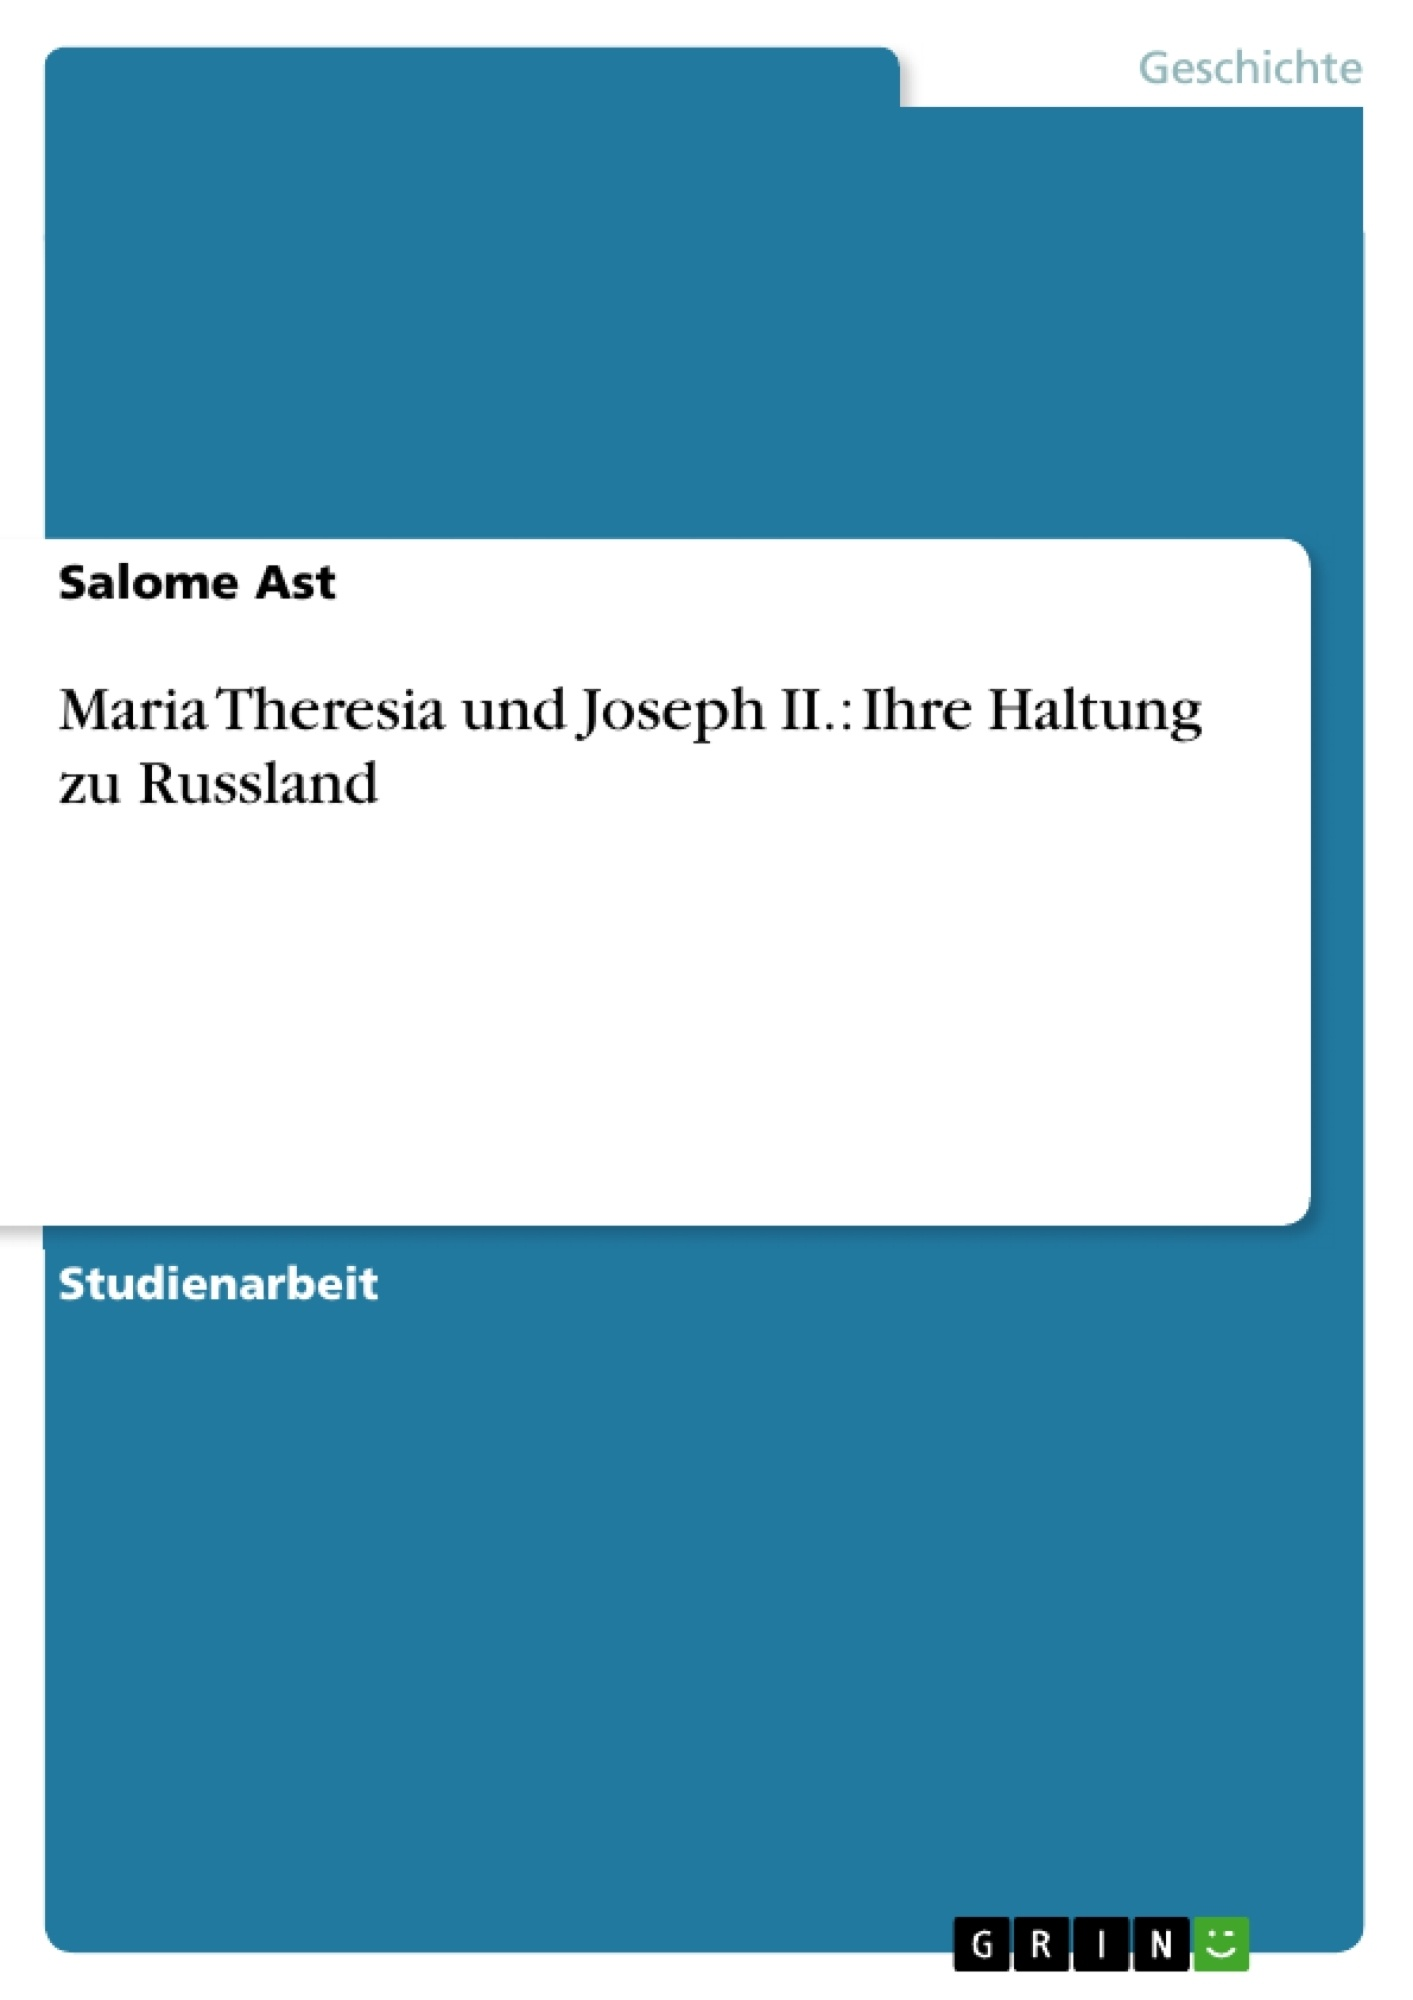 Titel: Maria Theresia und Joseph II.: Ihre Haltung zu Russland